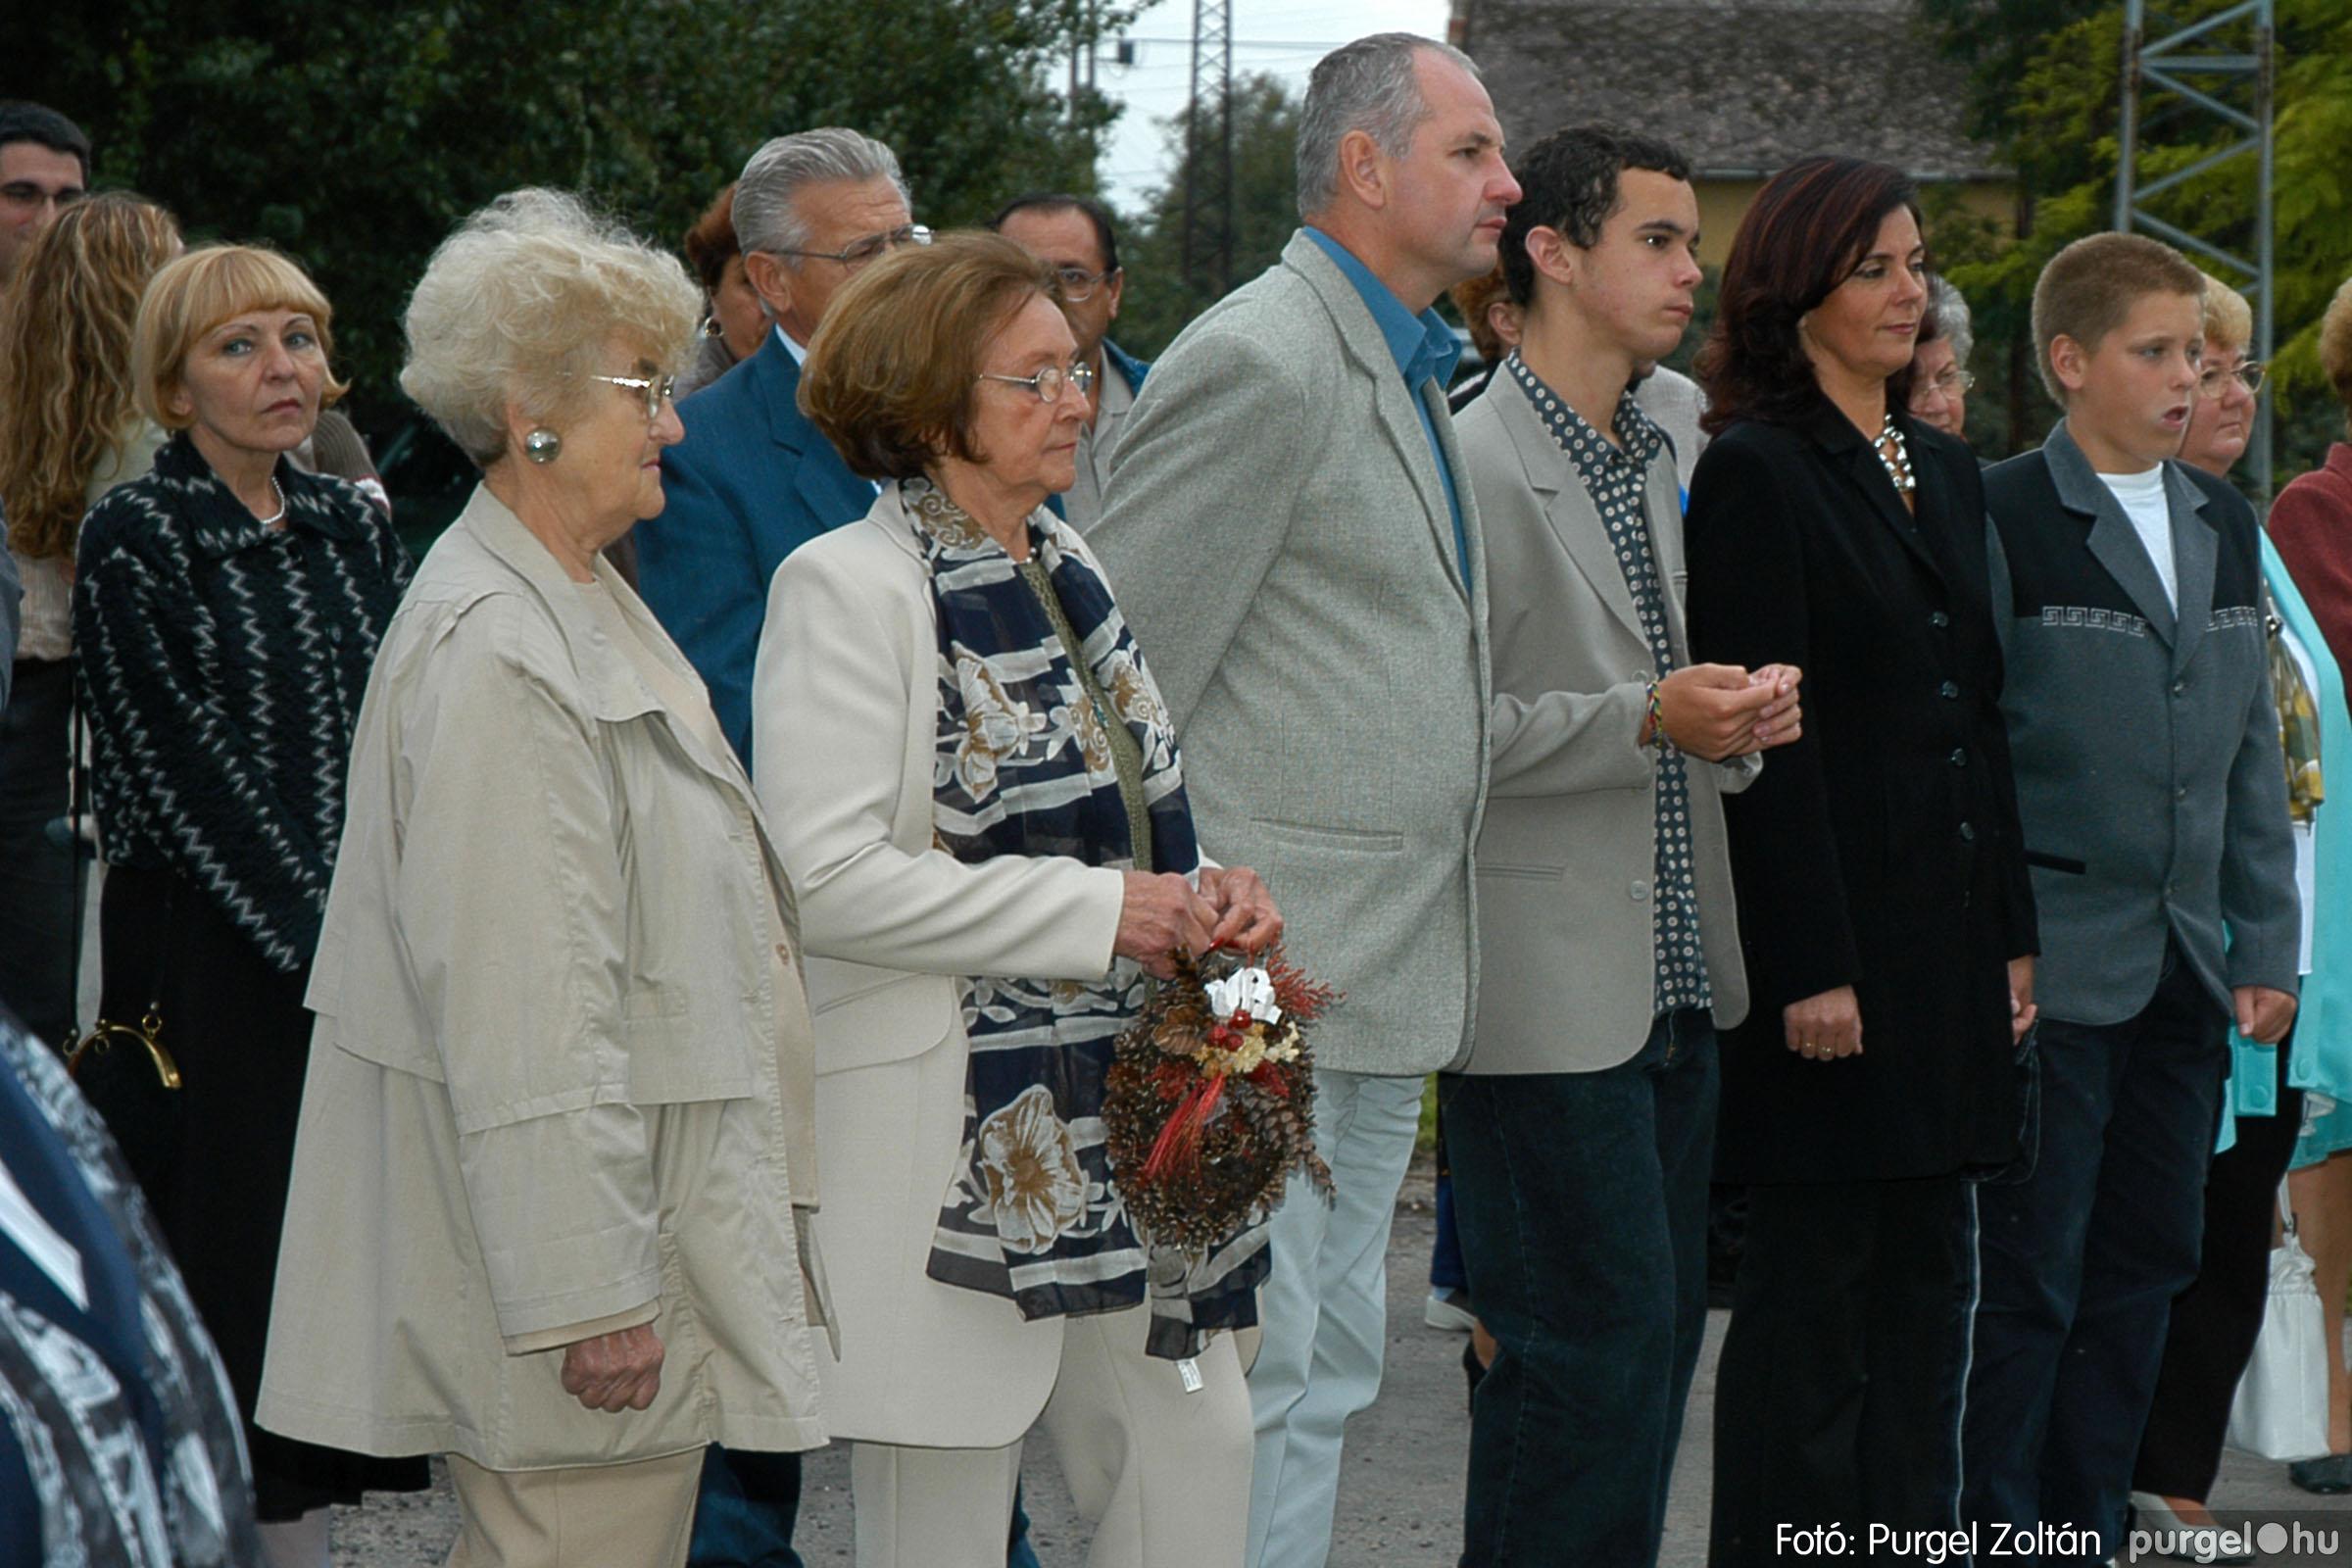 2004.09.25. 004 Dr. Csergő Károly alispán és kora című kiállítás és emléktábla avatás - Fotó:P. Z.©.jpg